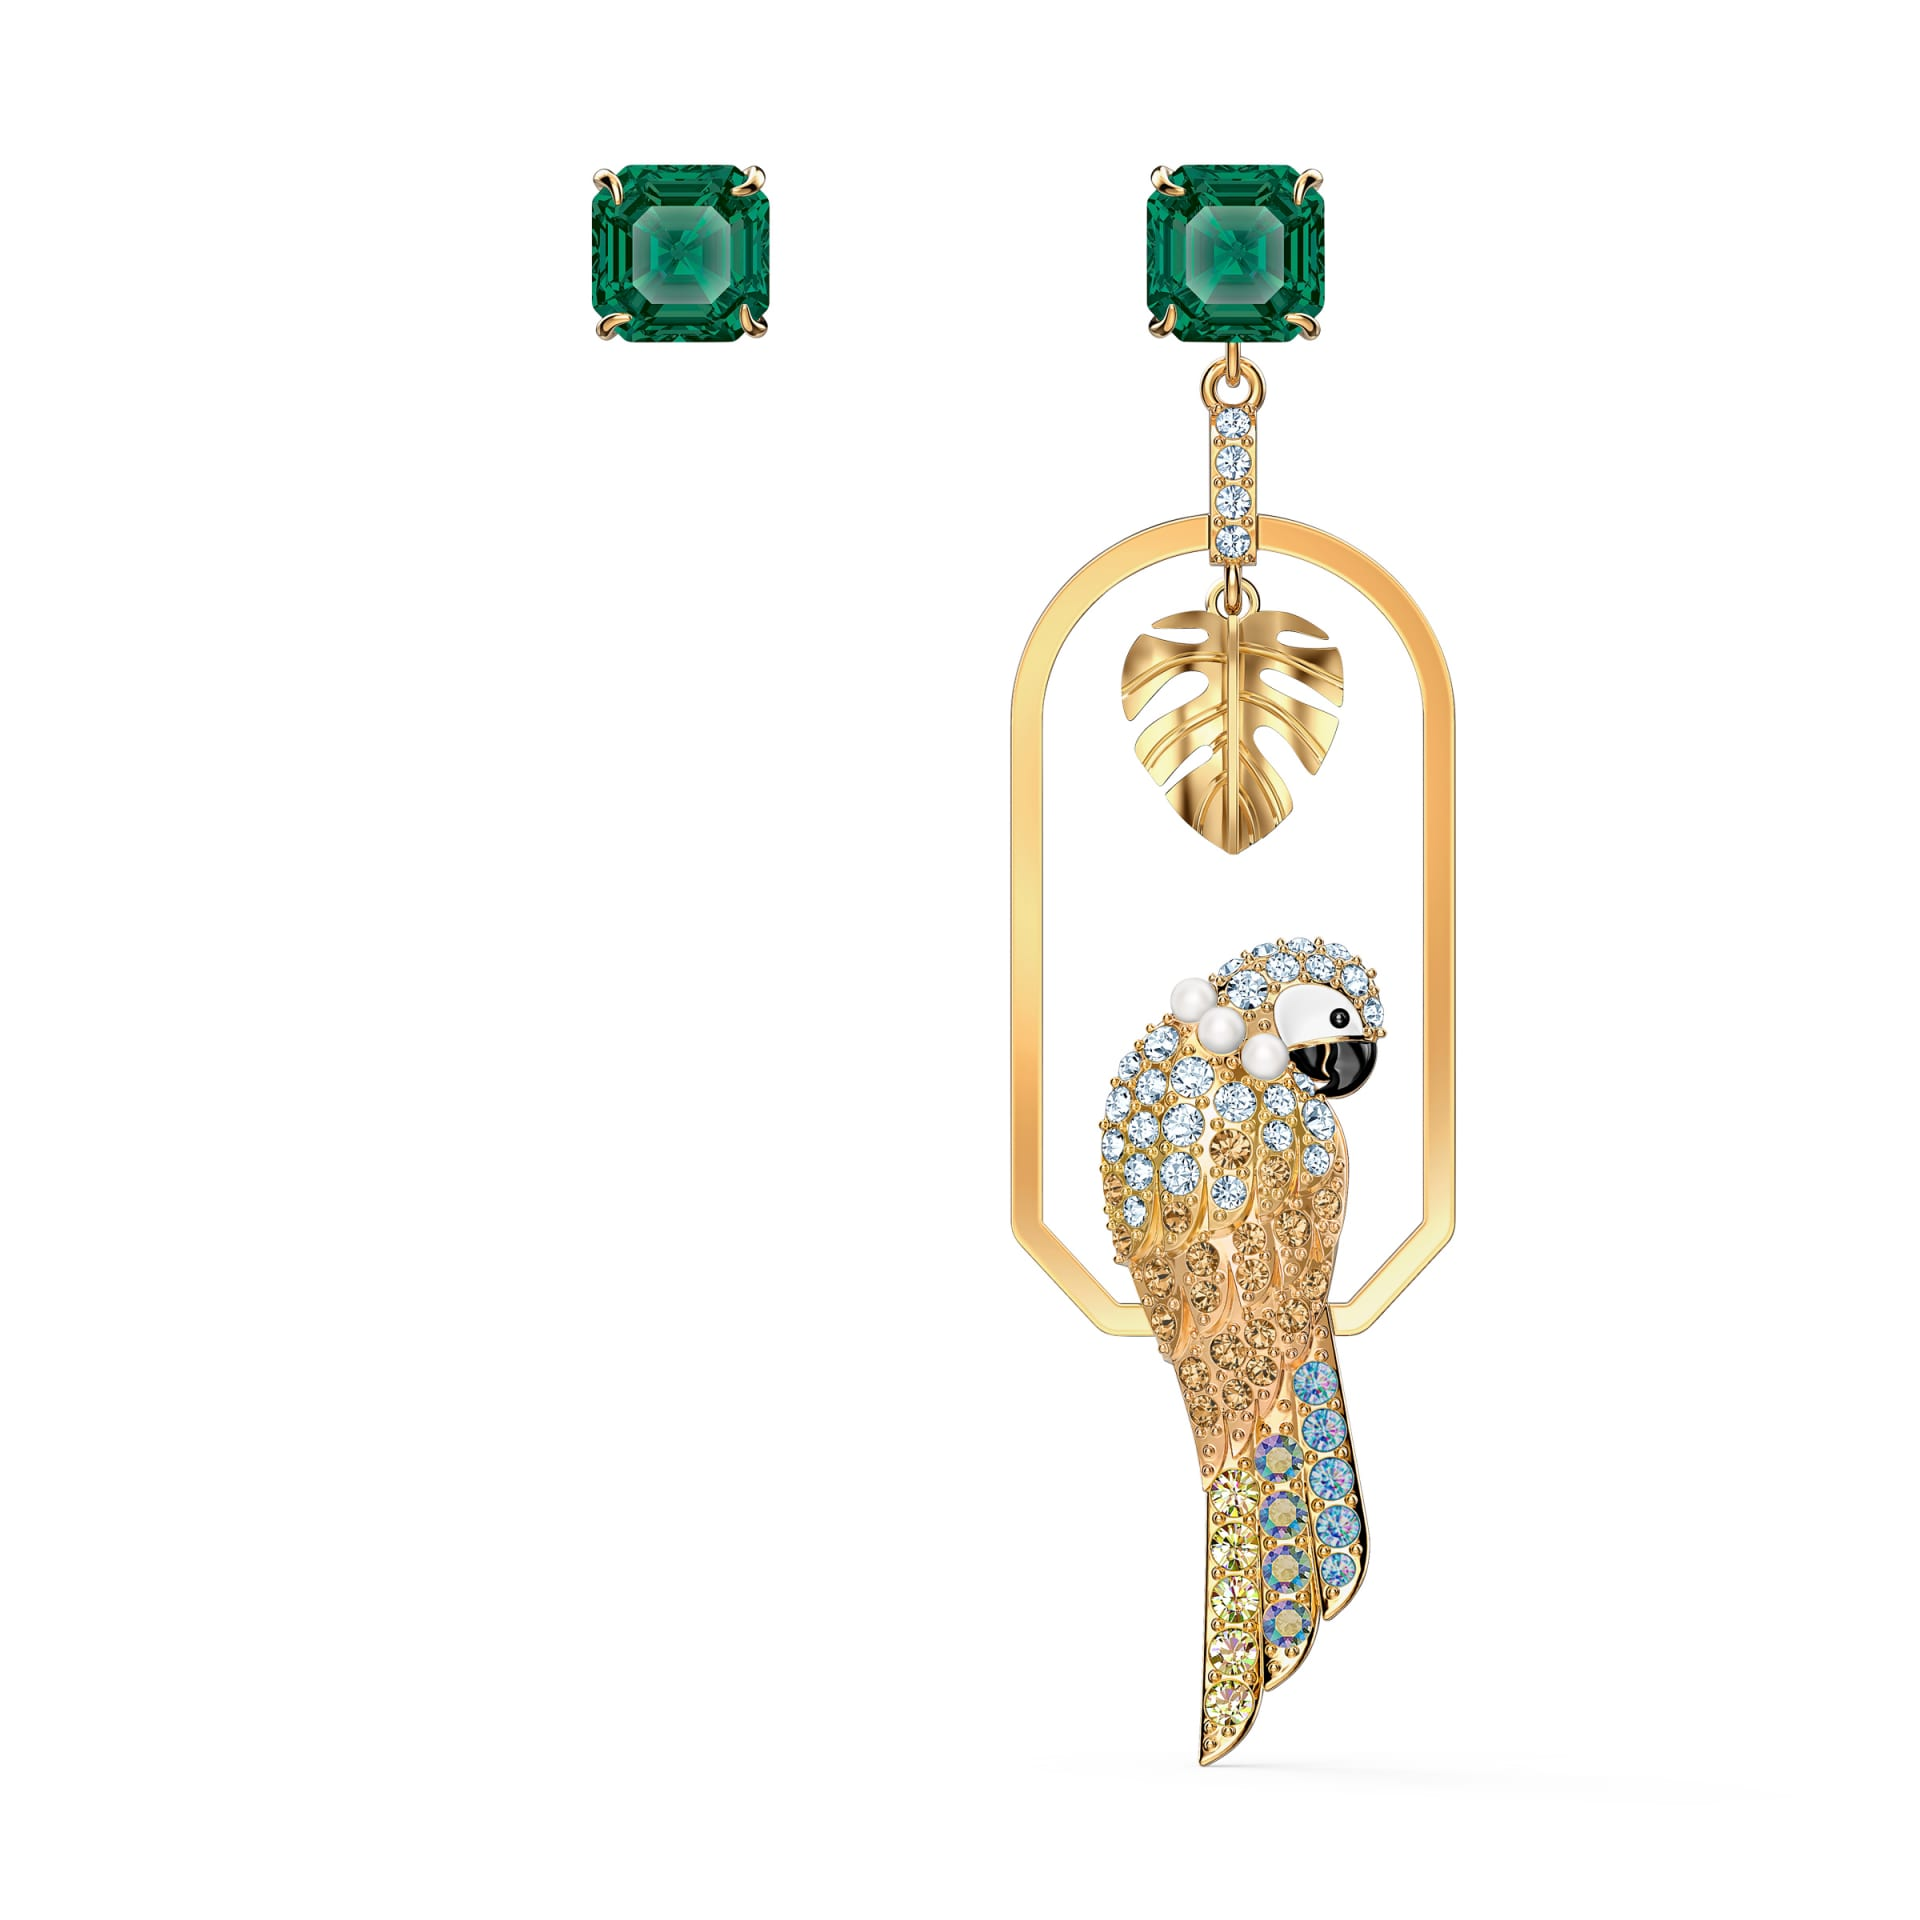 tropical-earrings-5519255-jpg